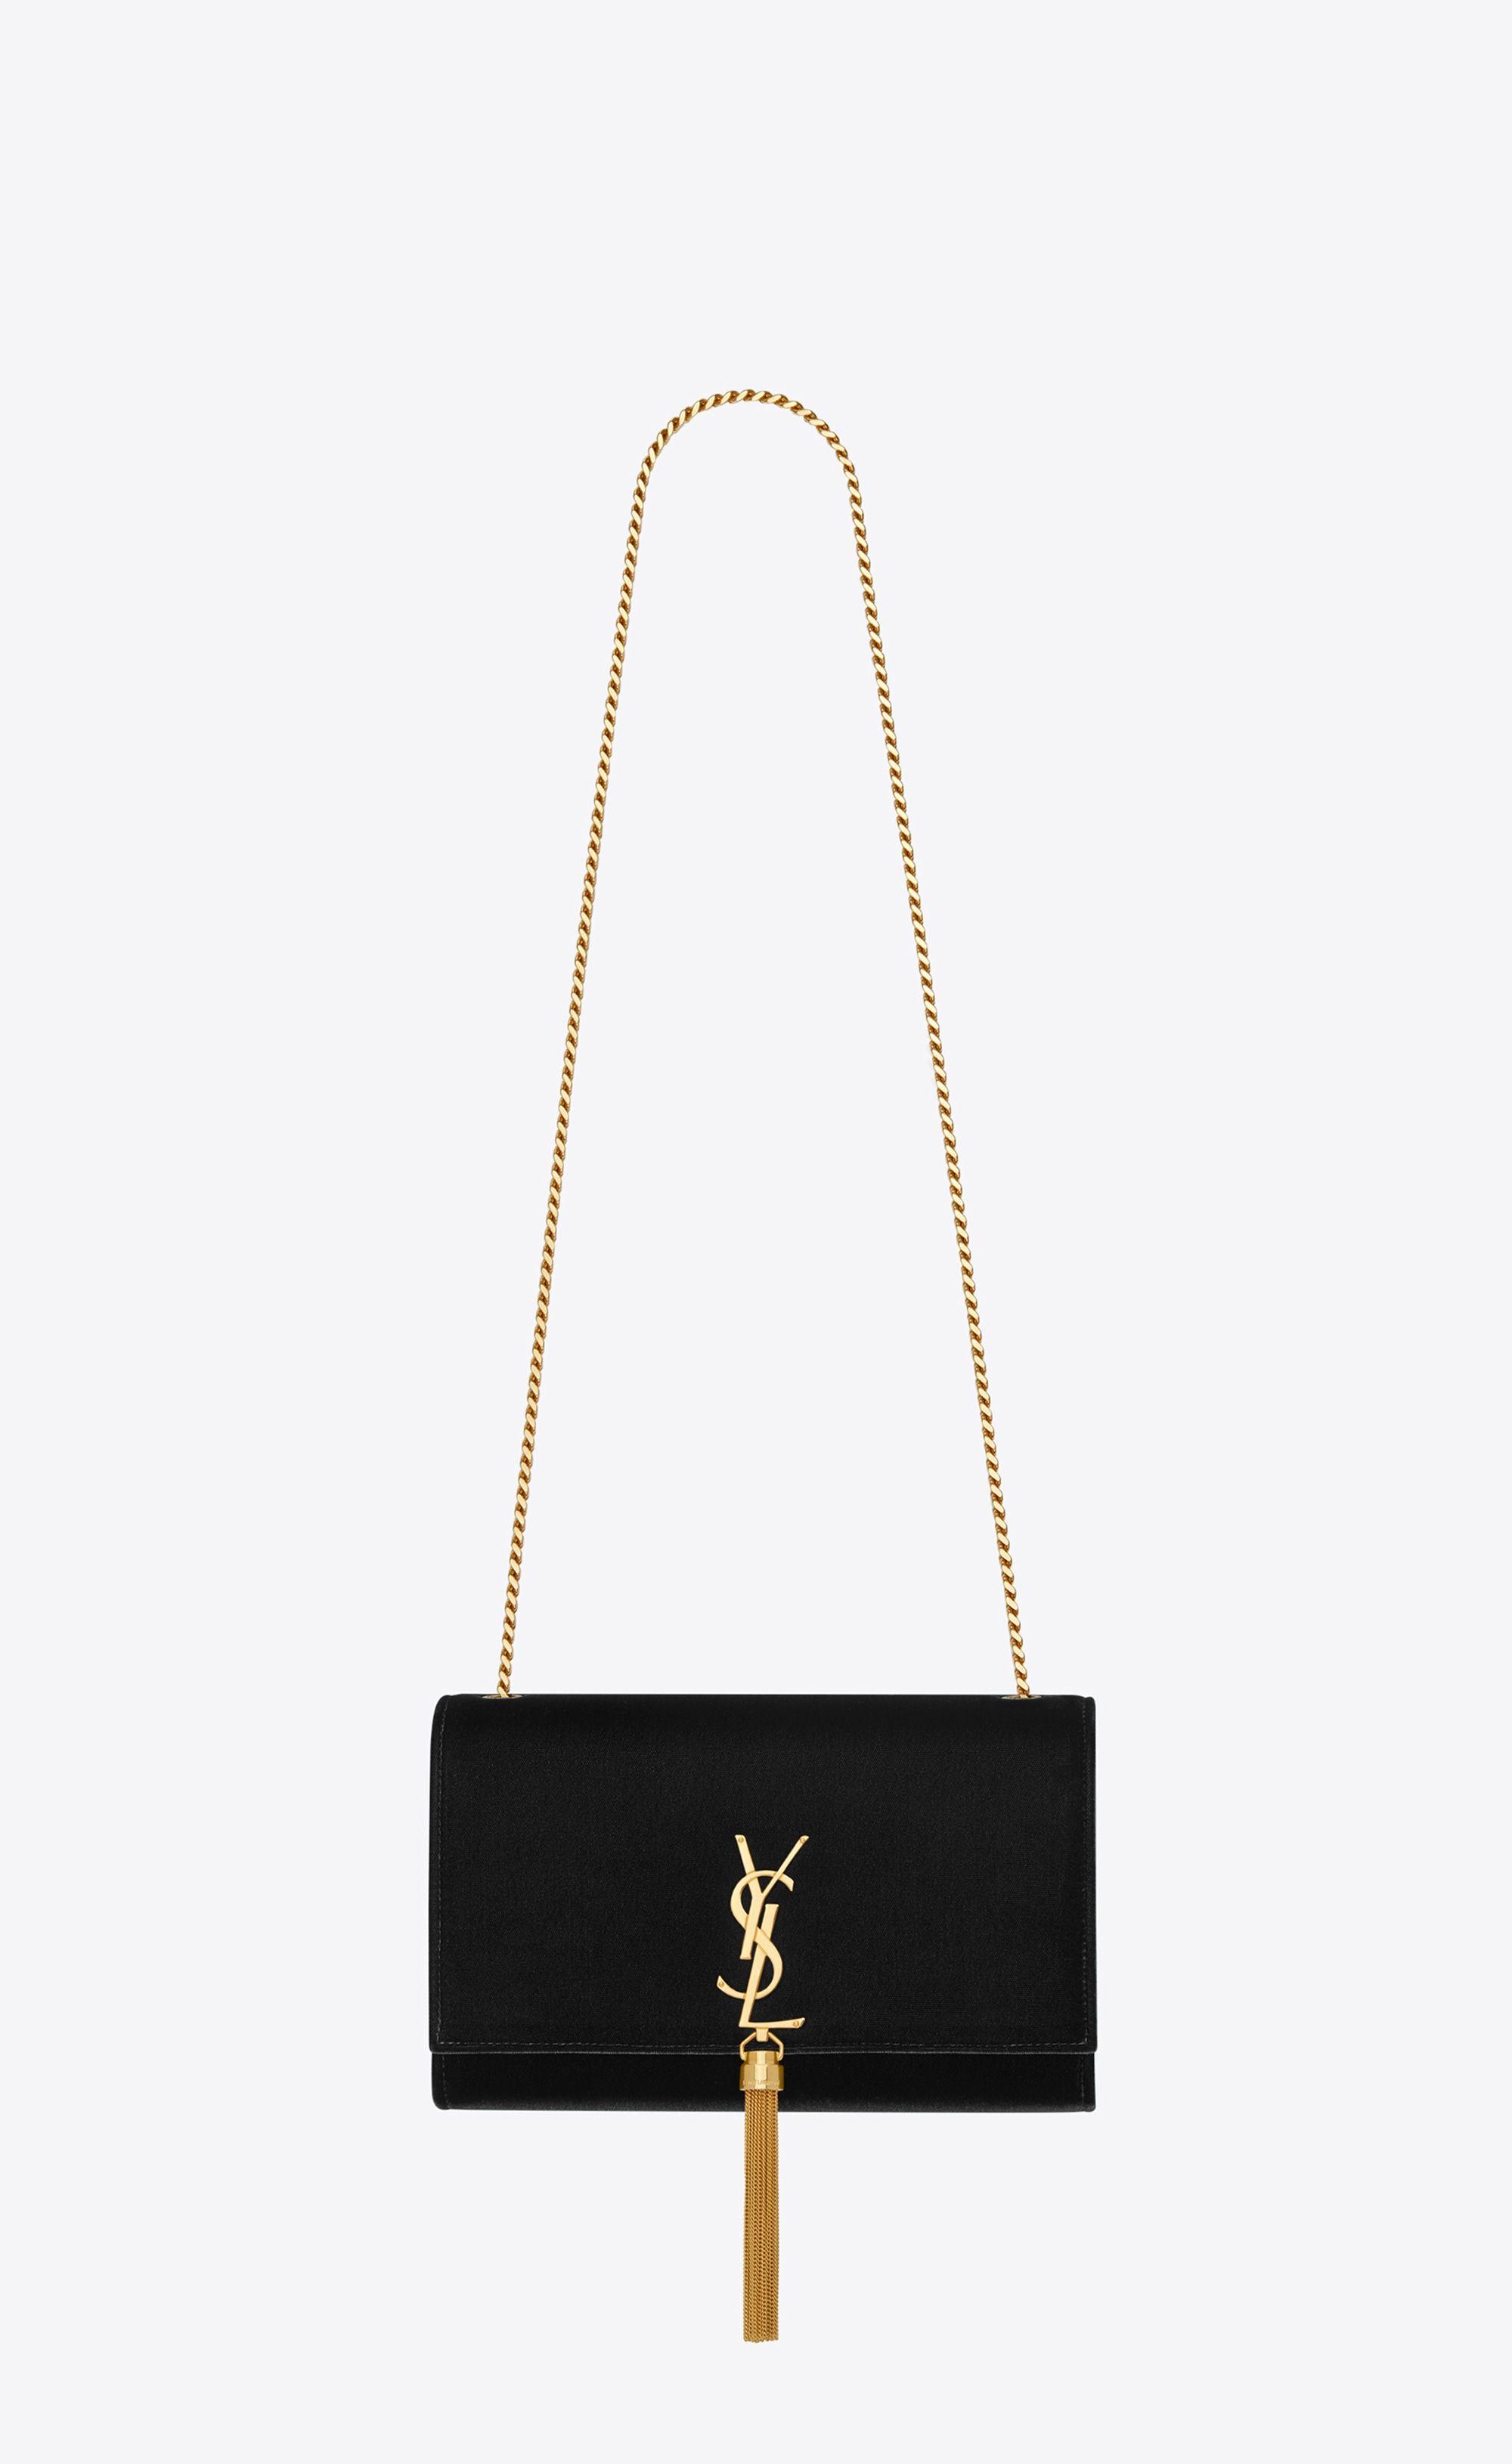 de19d01ad9d66 Saint Laurent - Medium Kate tassel chain bag in black velvet